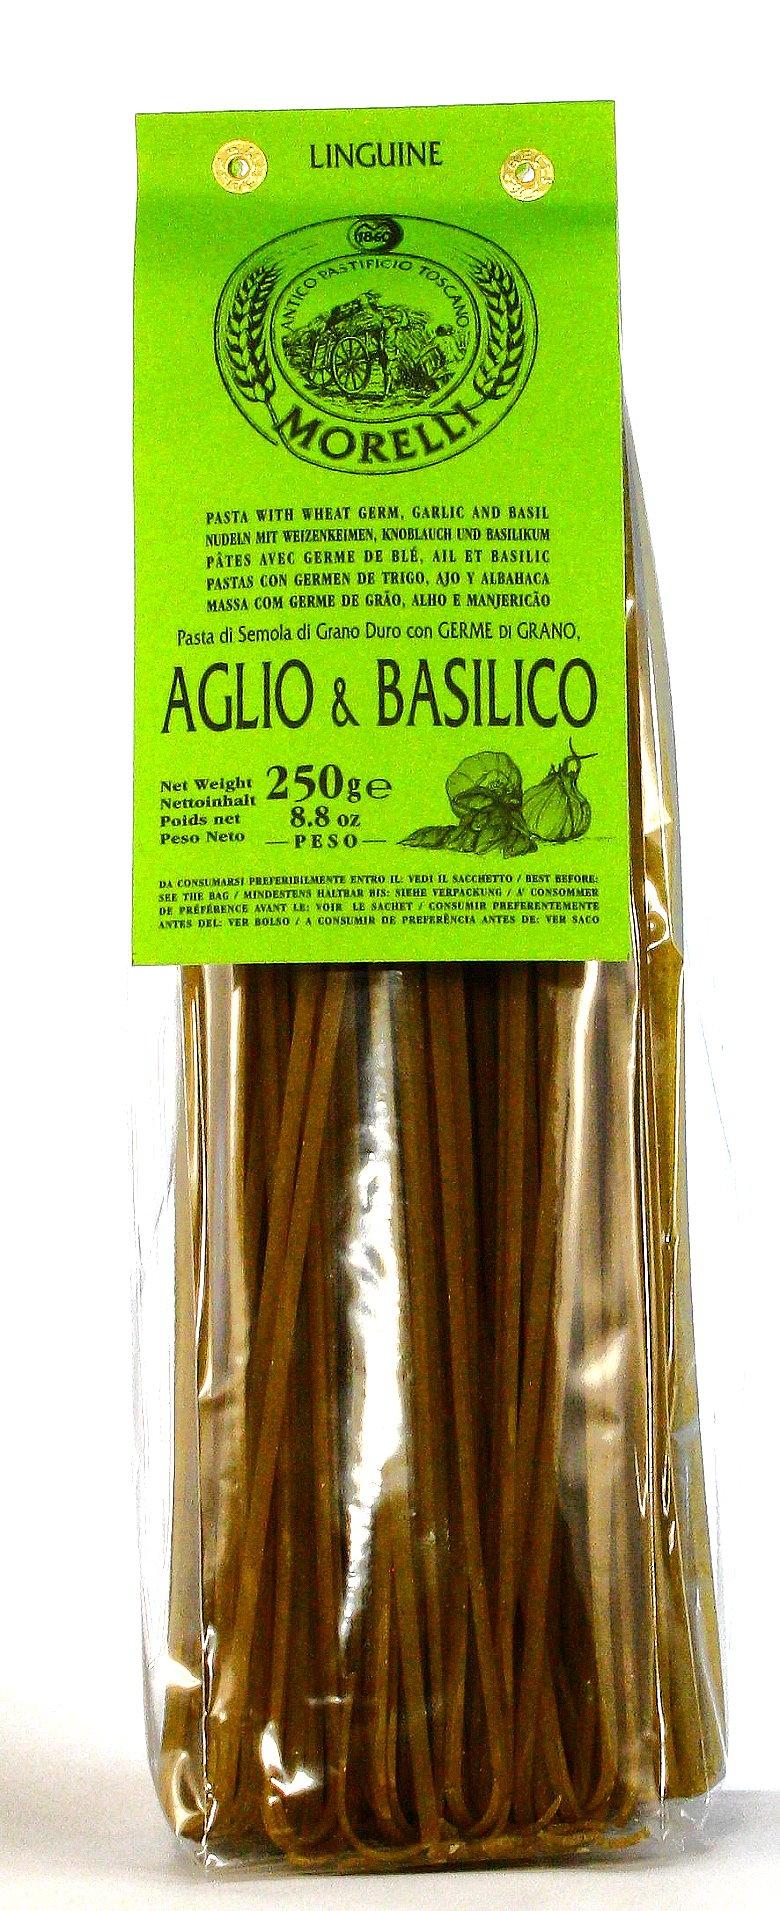 Linguine Aglio & Basilico - Nudeln, Morelli